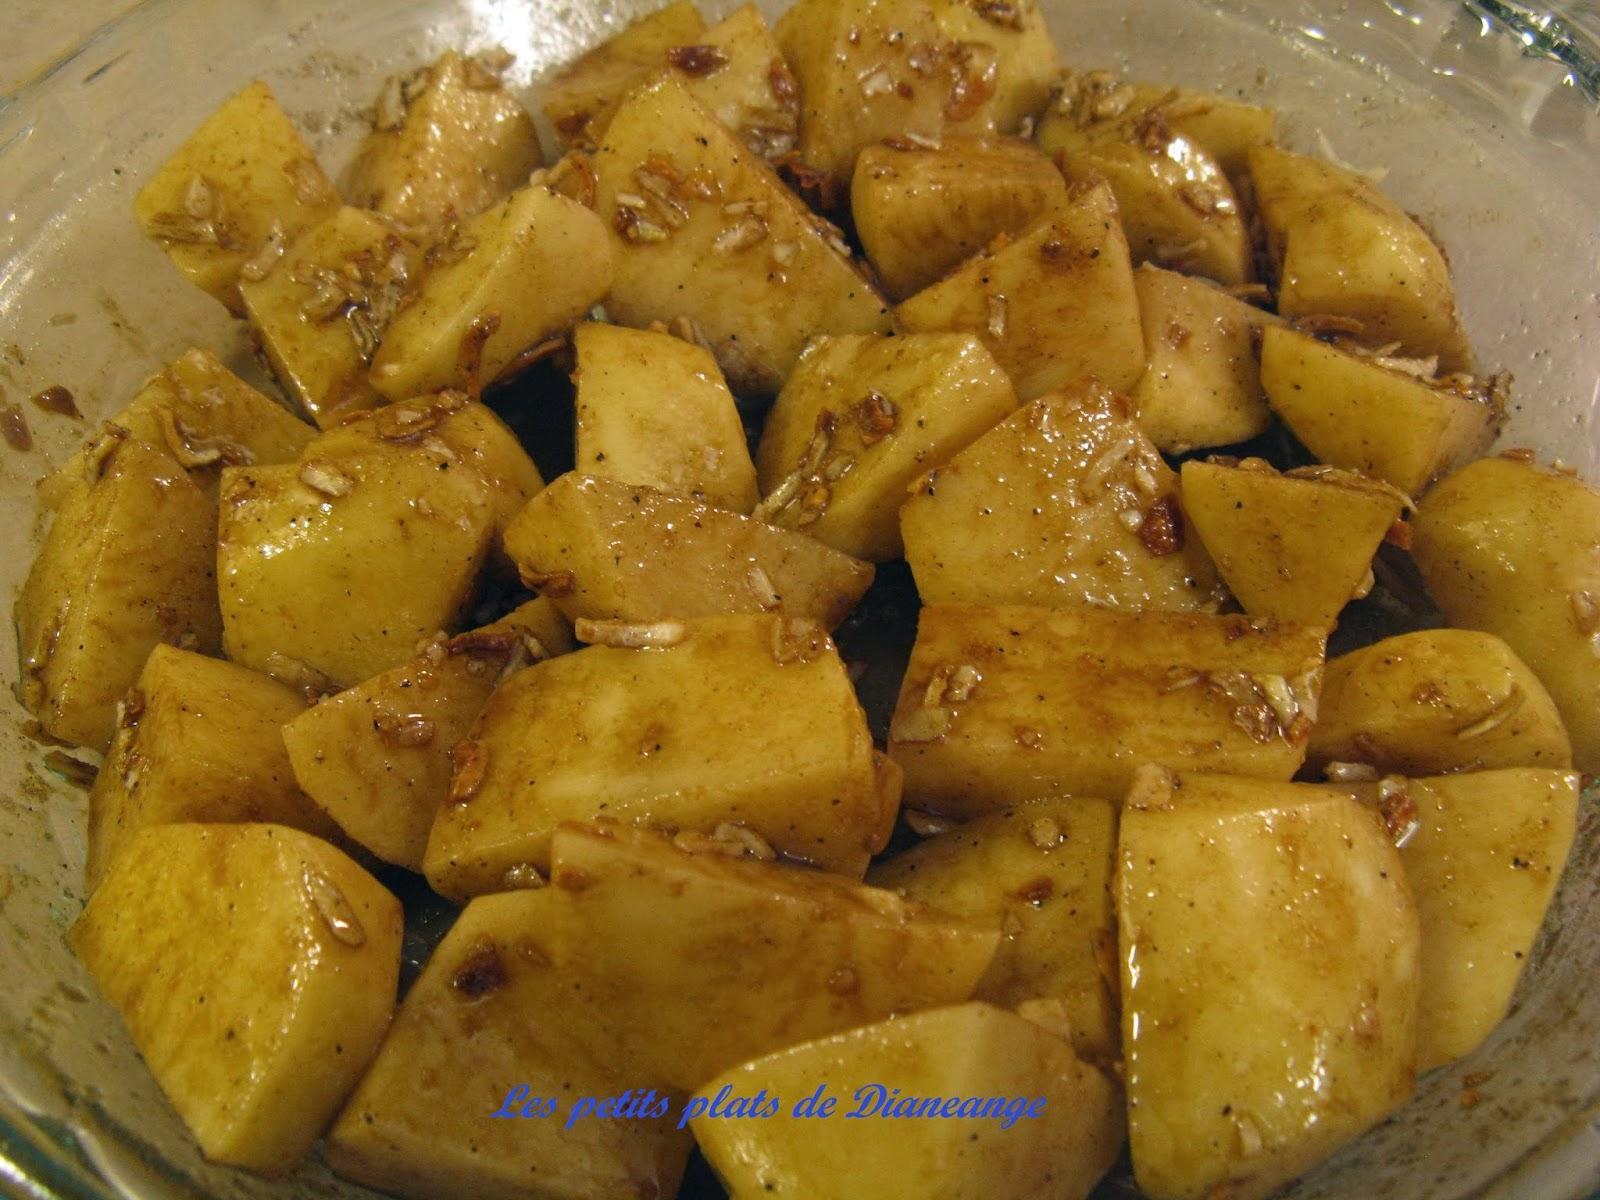 Les petits plats de diane ange pommes de terre l 39 oignon for Cuisson pommes de terre micro ondes sac plastique